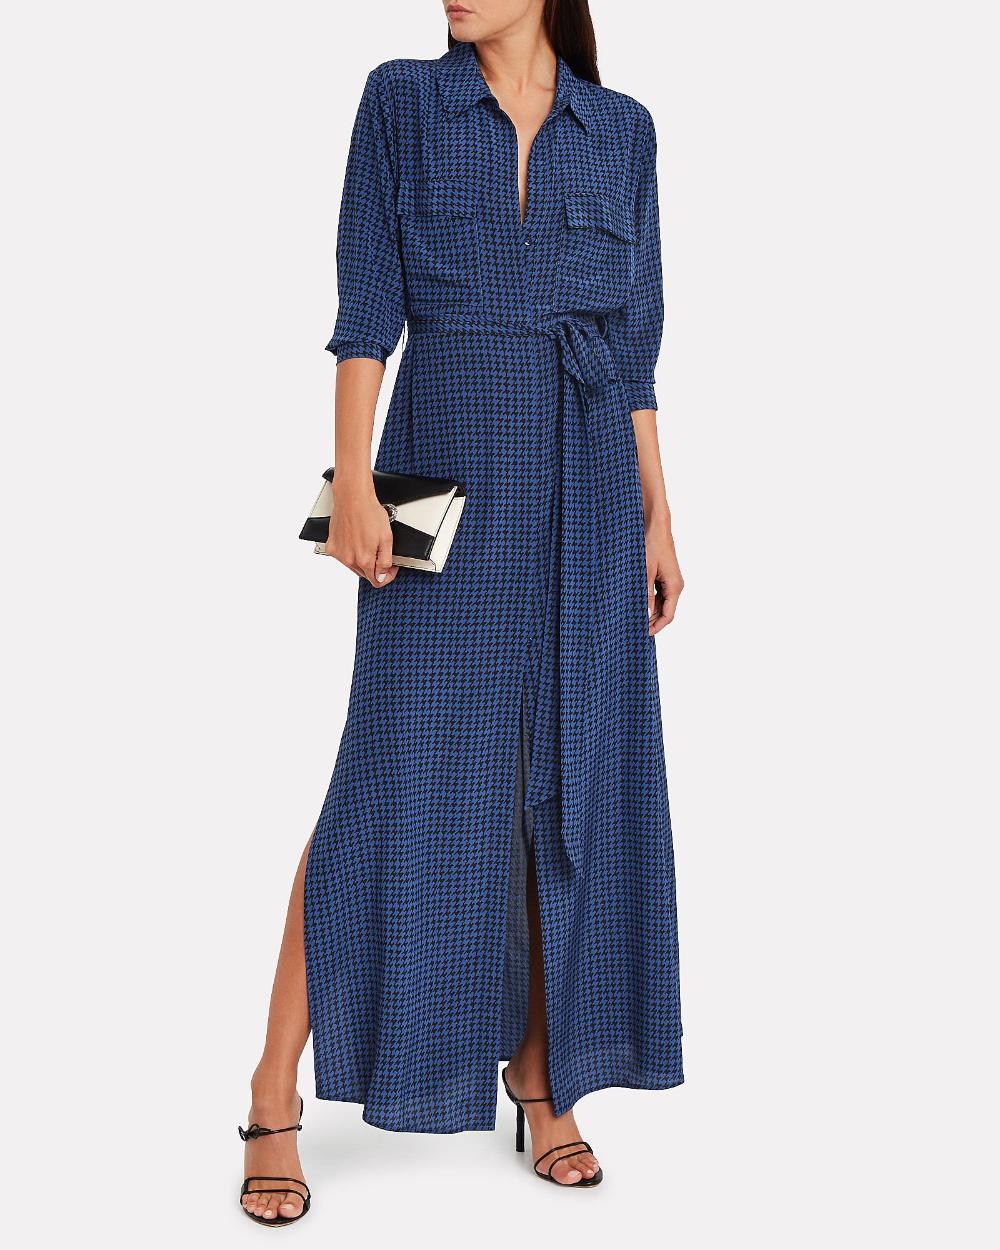 Cameron Houndstooth Shirt Dress Houndstooth Shirt Dresses Shirt Dress [ 1250 x 1000 Pixel ]